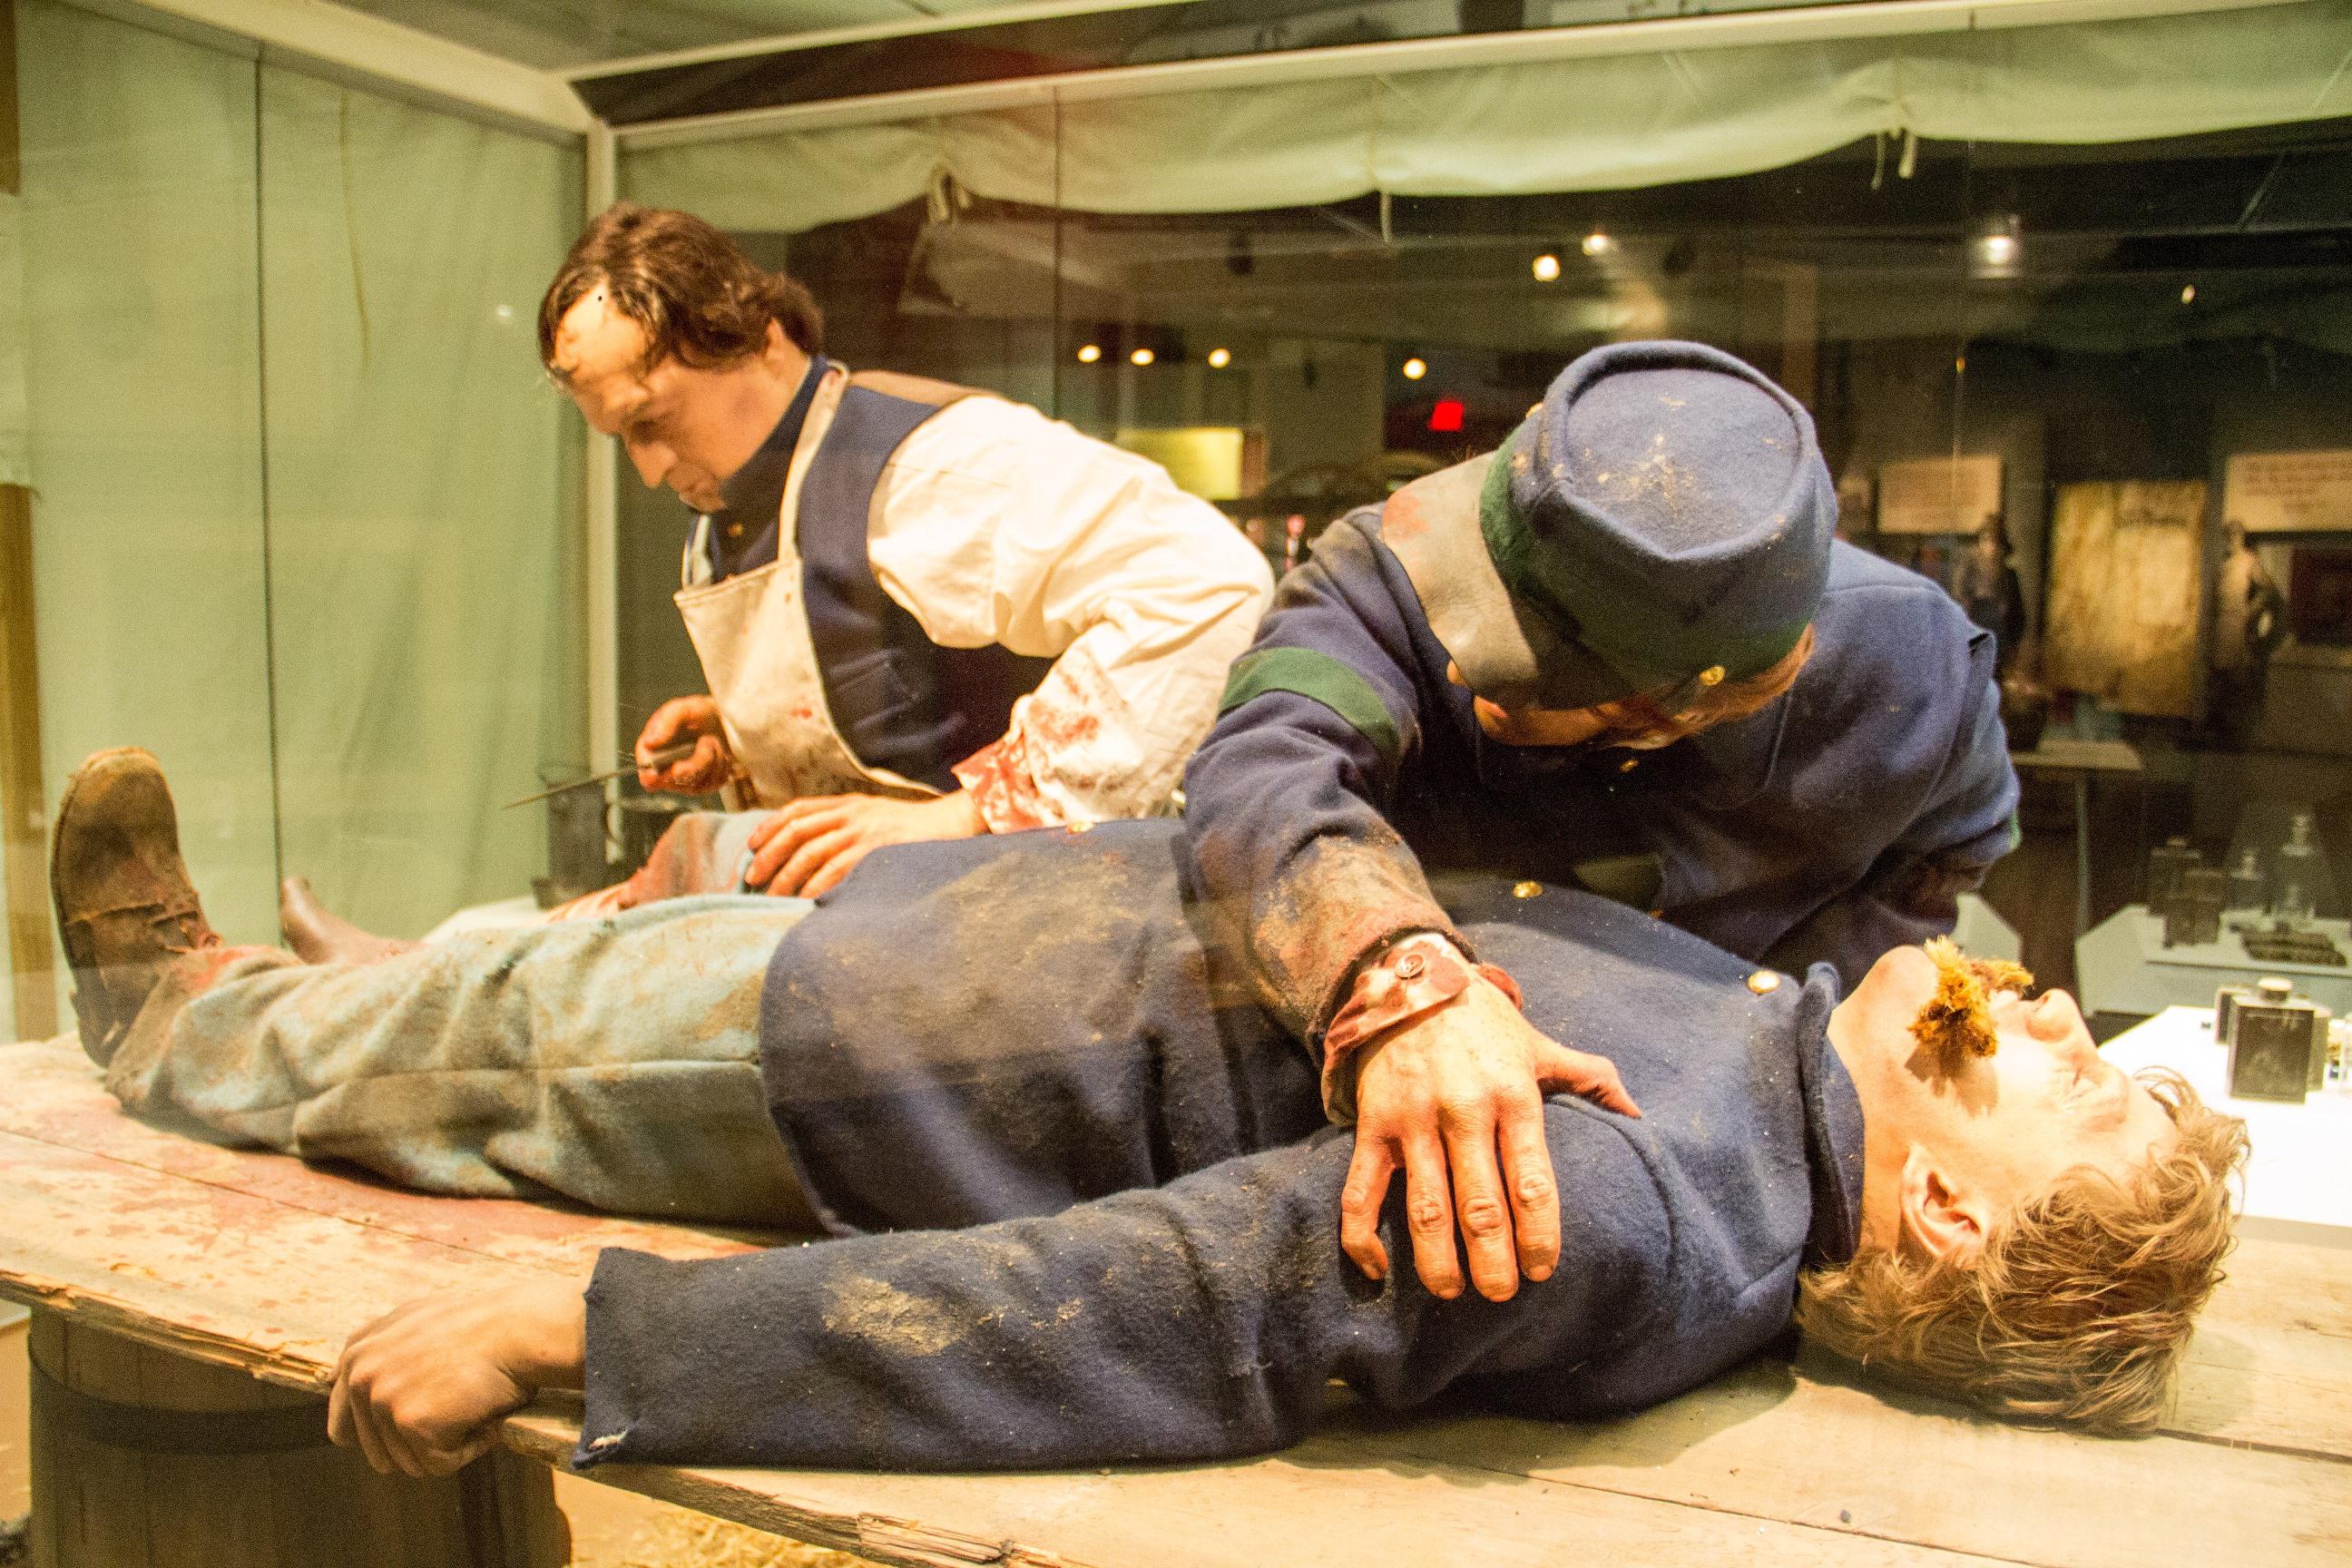 Diorama at National Civil War Museum